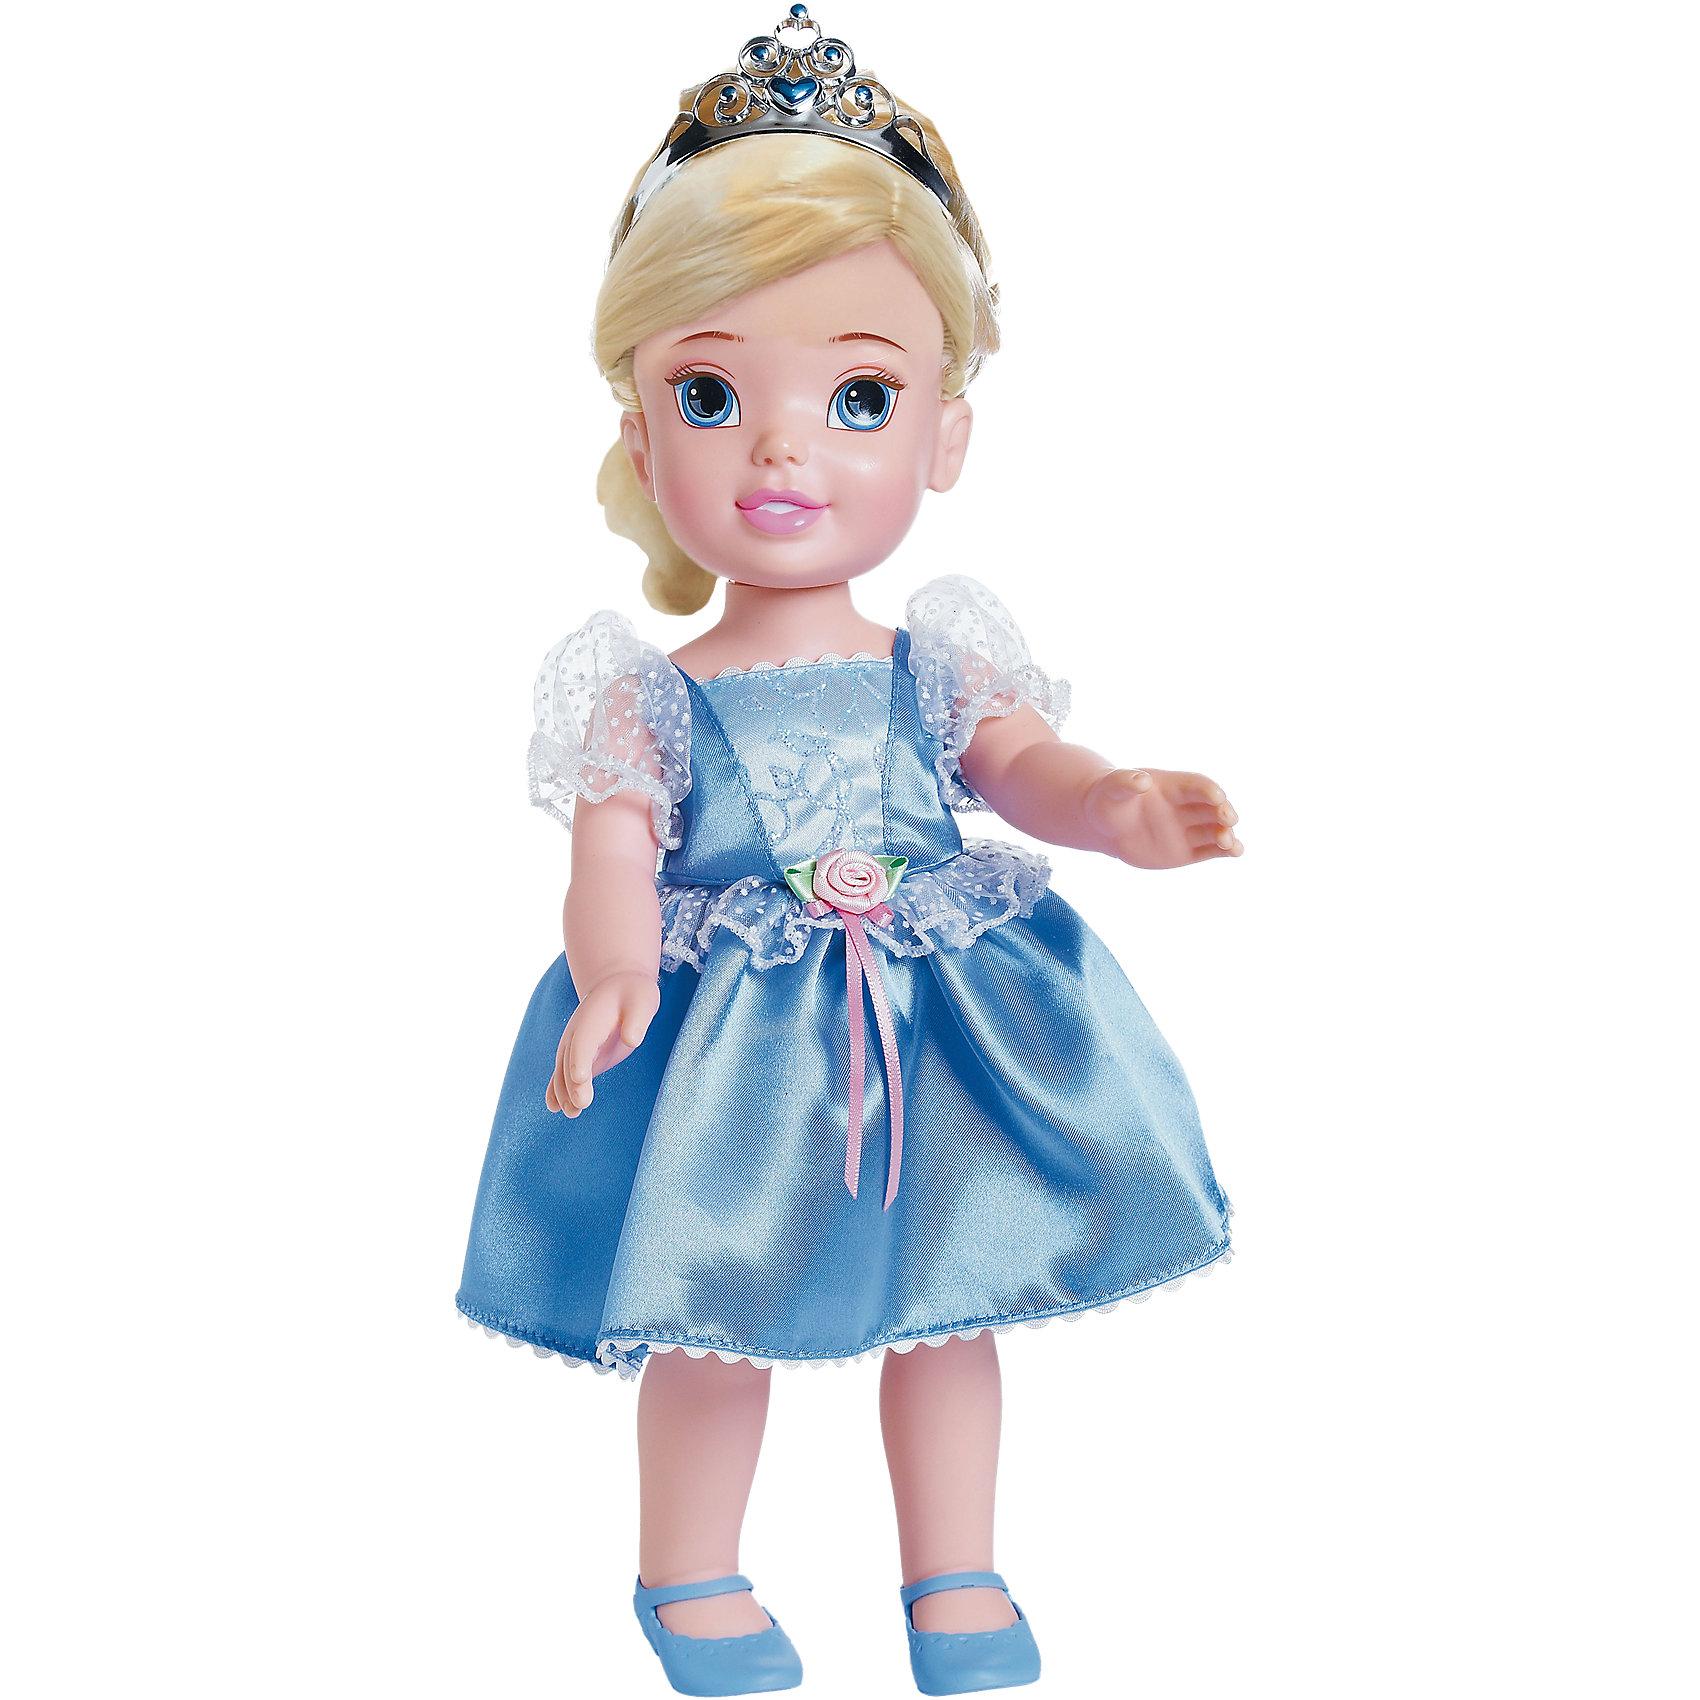 Кукла Золушка, 31 см, Принцессы ДиснейКлассические куклы<br>Кукла Золушка, Disney Princess, станет чудесным подарком для всех юных поклонниц знаменитой романтической сказки. Золушка представлена в образе очаровательной малышки, которая, несмотря на свой юный возраст, выглядит как настоящая принцесса. У куколки доброе милое личико с большими голубыми глазами, длинные мягкие светлые волосы хорошо расчесываются и их можно укладывать в различные прически. Головку Золушки украшает блестящая тиара с драгоценными камнями. Одета куколка в роскошное голубое платье с пышной юбкой и кружевными оборочками. Руки и ноги куклы подвижные.<br><br>Дополнительная информация:<br><br>- Материал: высококачественный пластик, текстиль.<br>- Высота куклы: 31 см.<br>- Размер упаковки: 17 х 11,5 х 35 см.<br>- Вес: 0,52 кг.<br><br>Кукла Золушка, Disney Princess (Принцессы Дисней) можно купить в нашем интернет-магазине.<br><br>Ширина мм: 170<br>Глубина мм: 350<br>Высота мм: 115<br>Вес г: 601<br>Возраст от месяцев: 36<br>Возраст до месяцев: 72<br>Пол: Женский<br>Возраст: Детский<br>SKU: 4030036